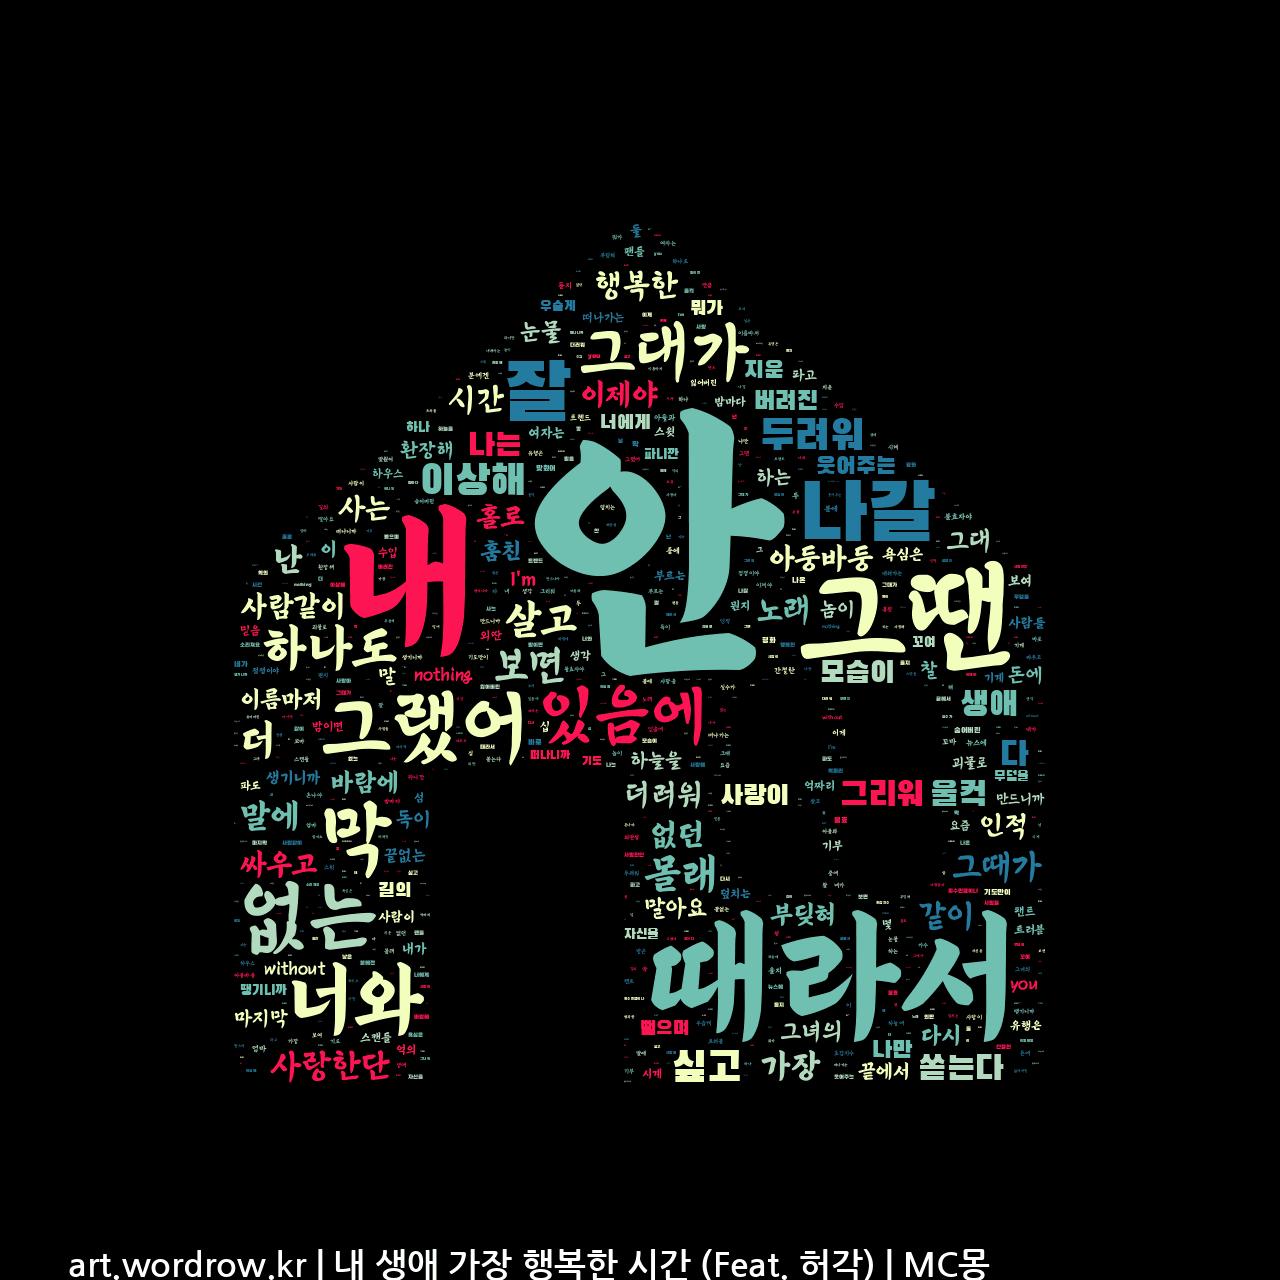 워드 아트: 내 생애 가장 행복한 시간 (Feat. 허각) [MC몽]-77